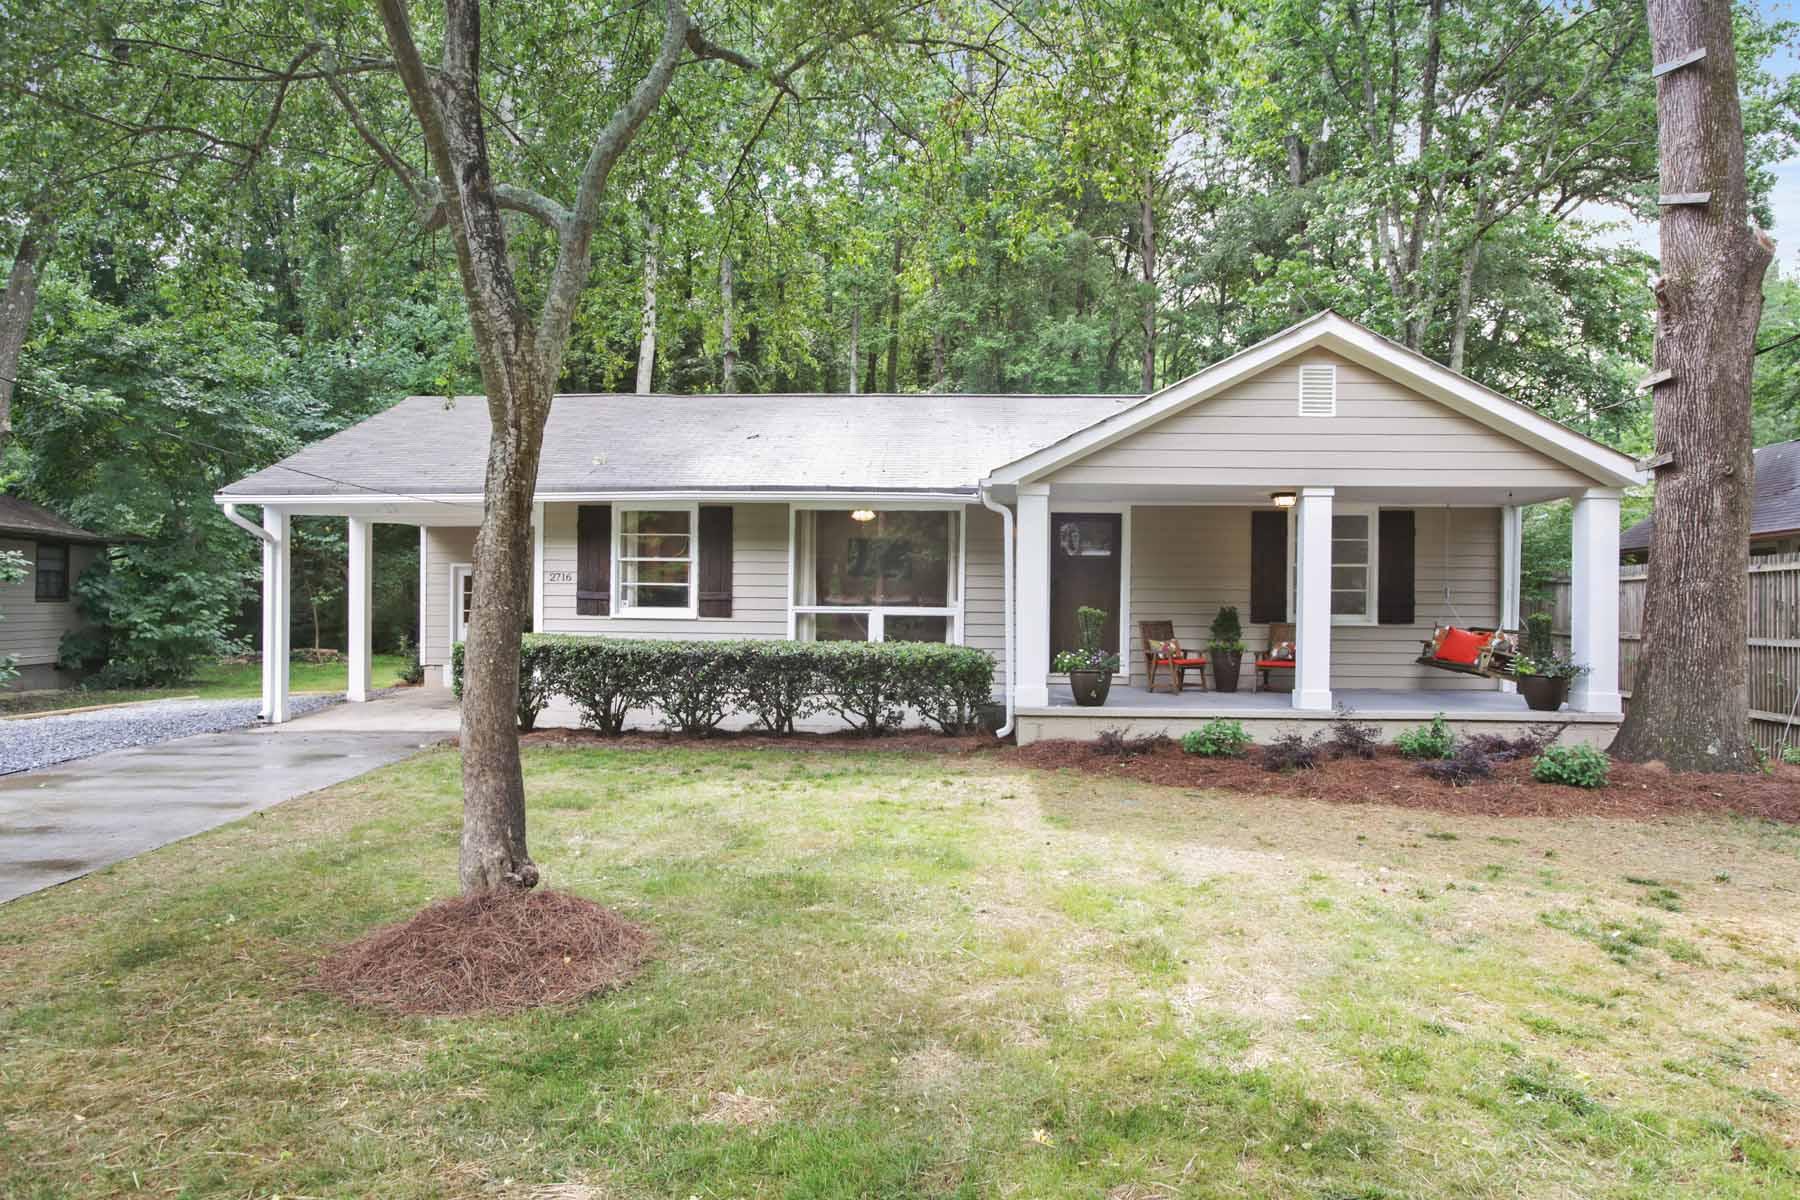 Maison unifamiliale pour l Vente à Bungalow With Custom Renovation In The Heart Of Ashford Park! 2716 S Bamby Lane NE Ashford Park, Atlanta, Georgia, 30319 États-Unis